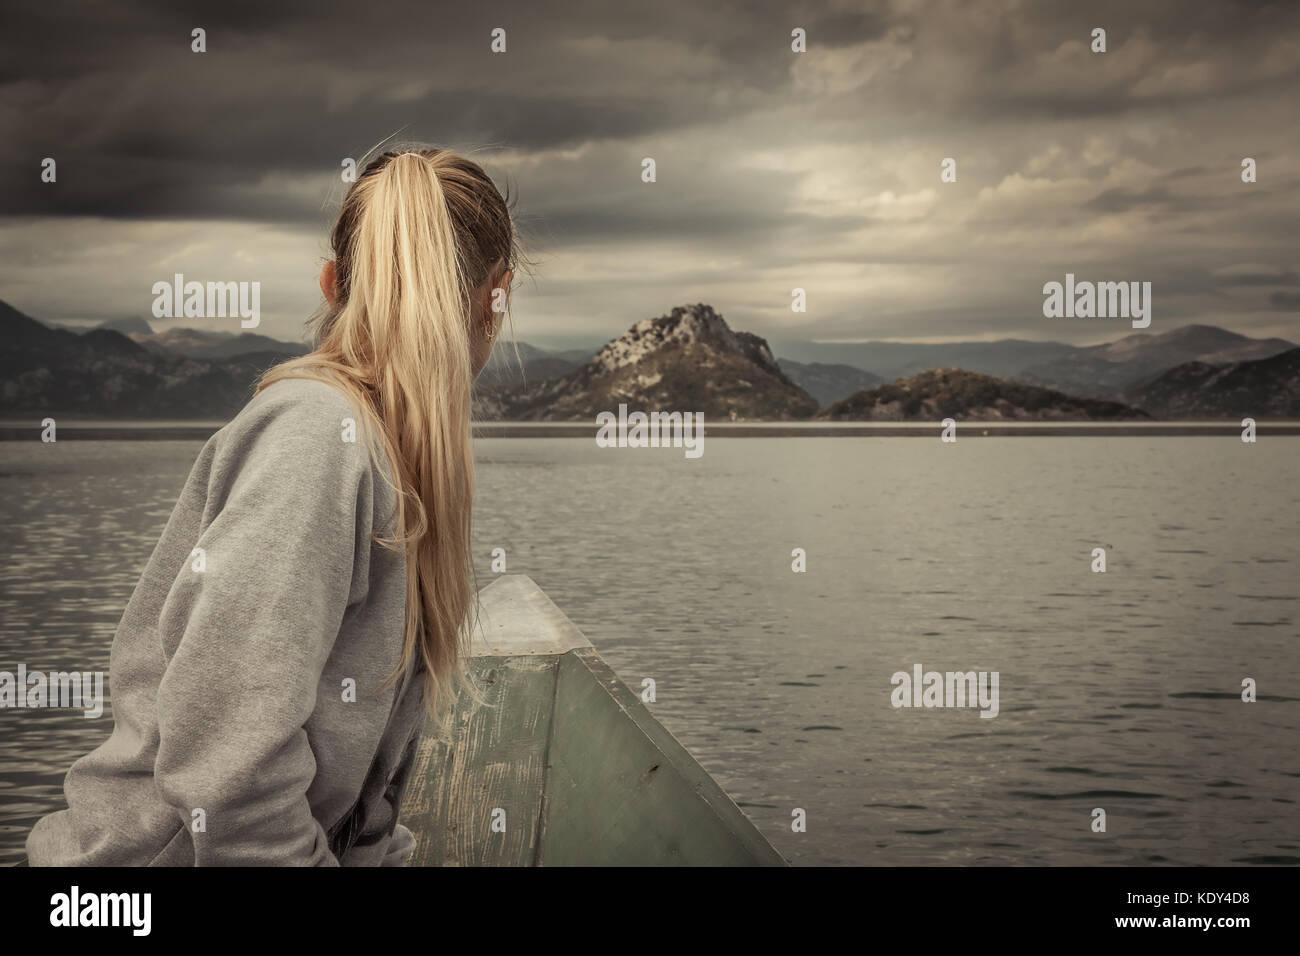 Donna traveler sulla vela barca verso la riva con con montagne paesaggio sull orizzonte in giorno nuvoloso con drammatica Immagini Stock